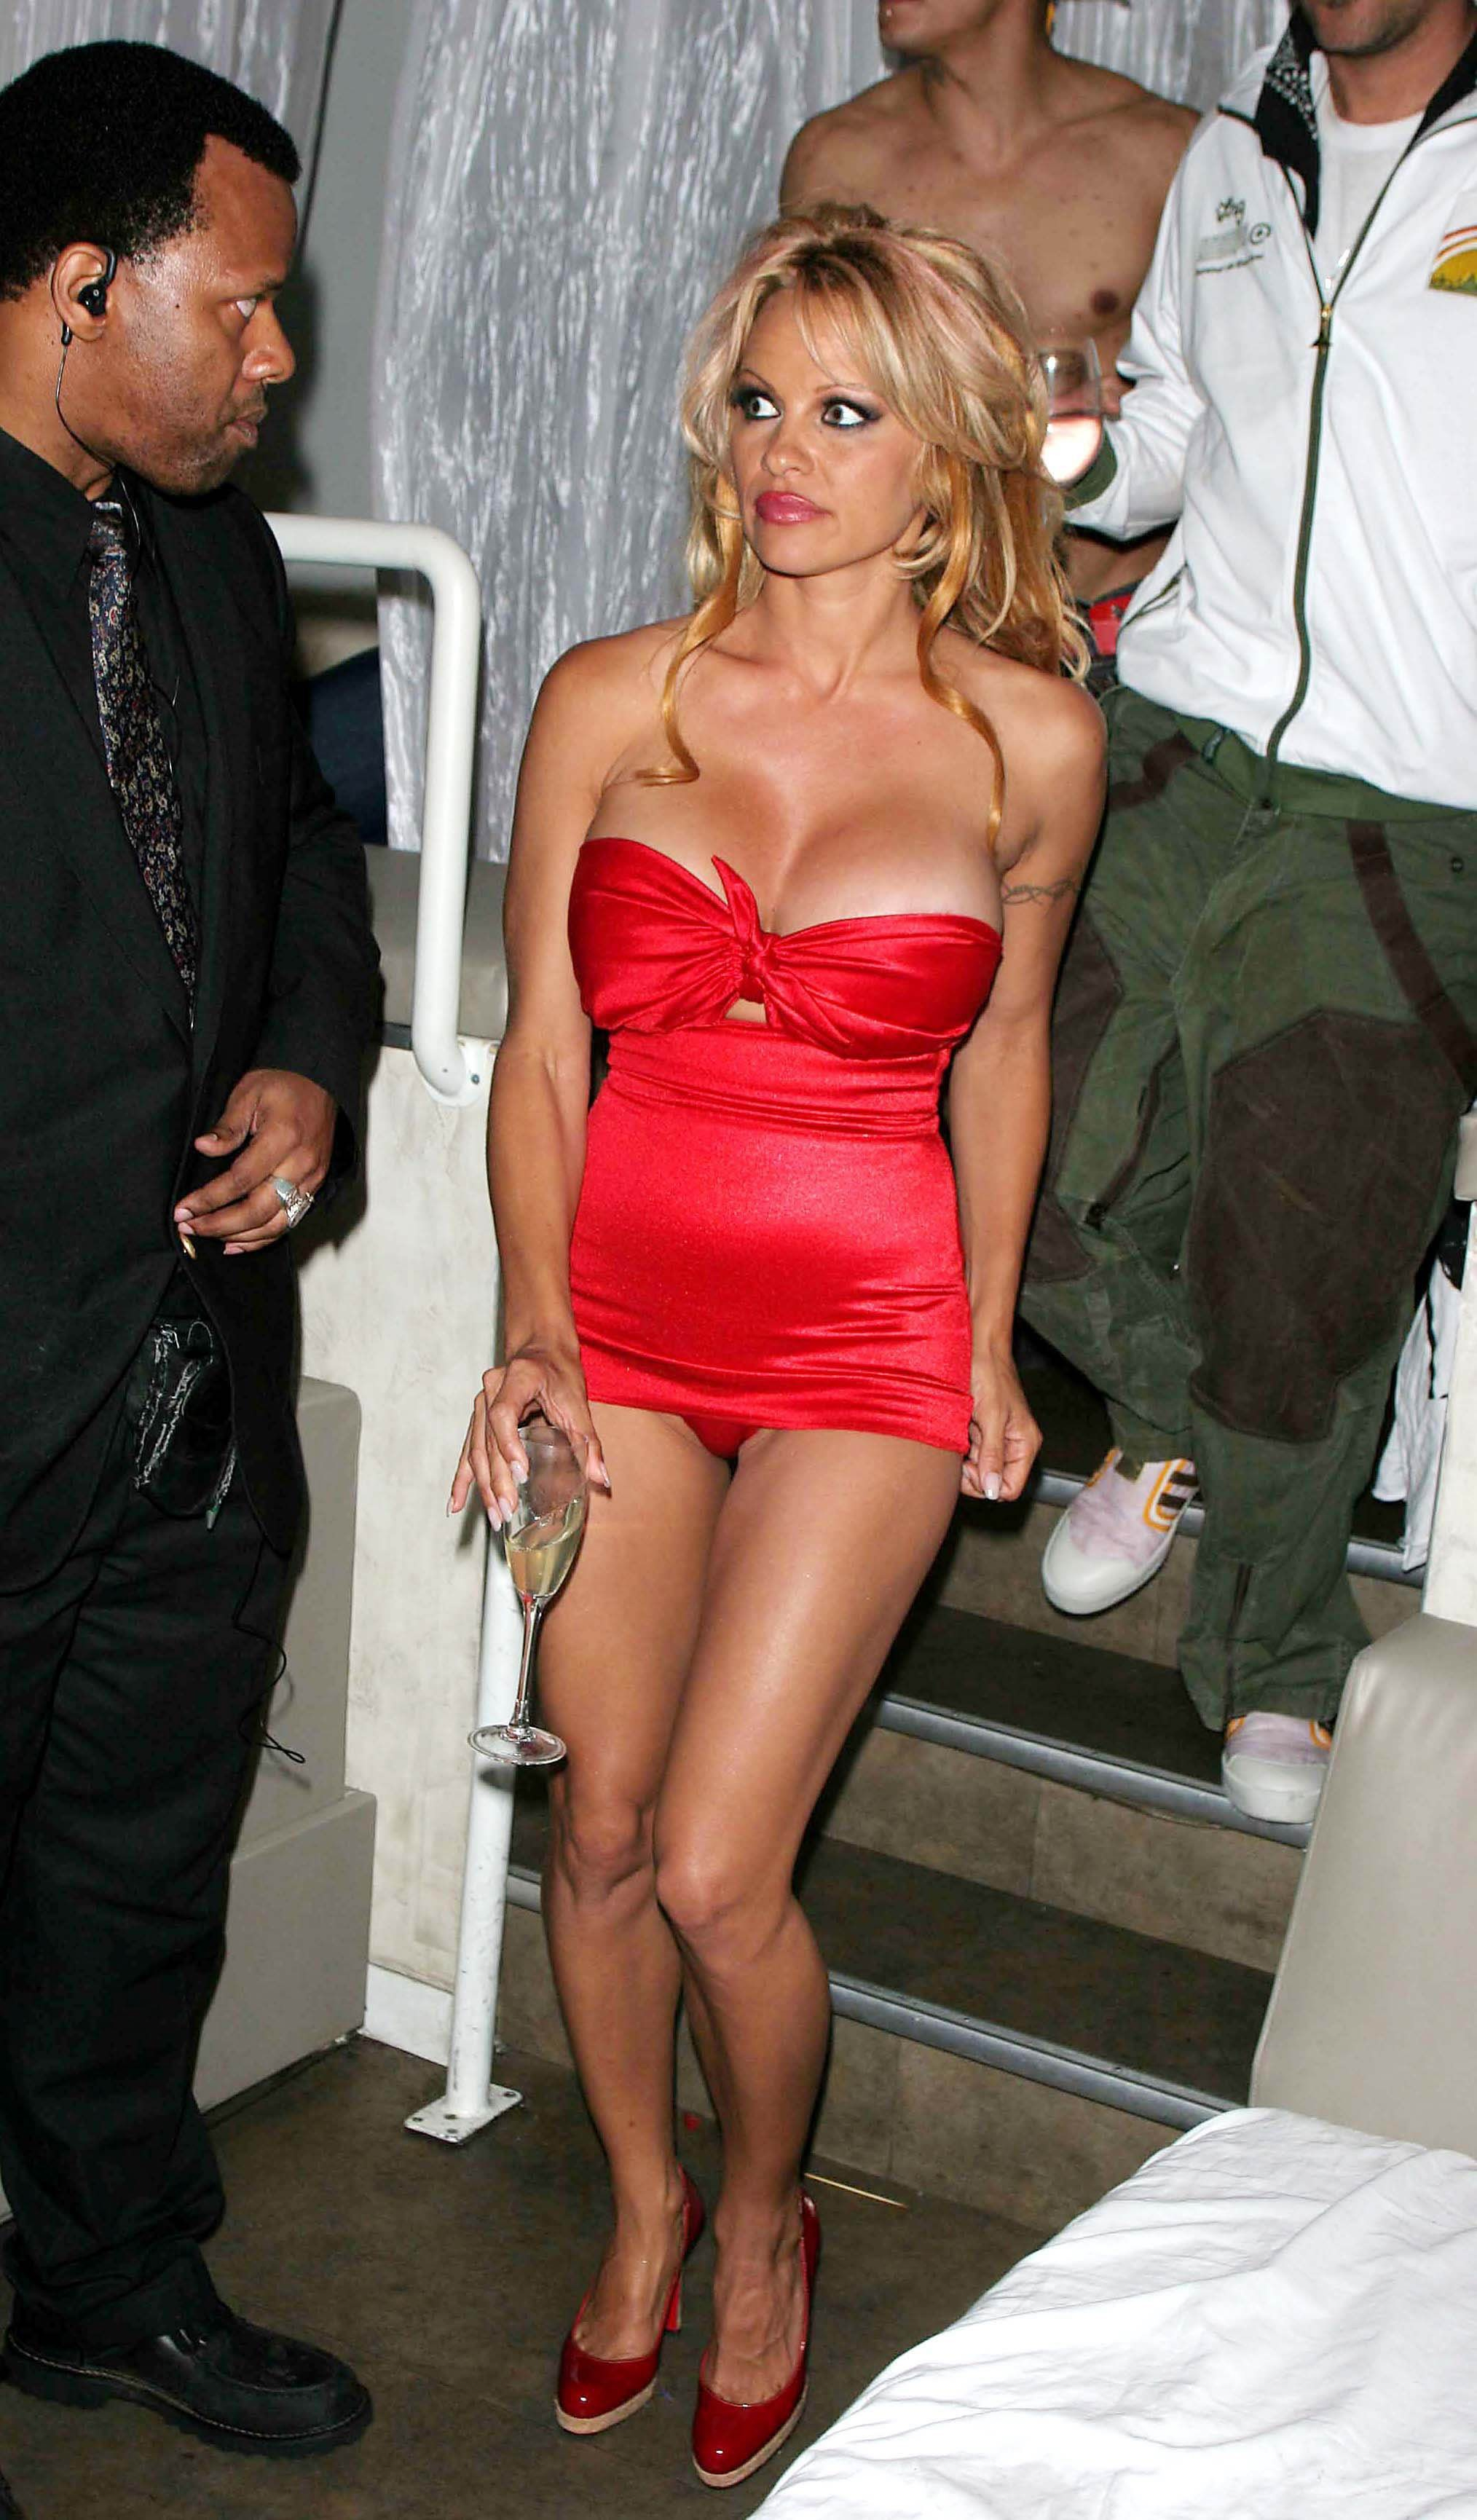 Vdeos Porno de Pamela Anderson YouPorncom